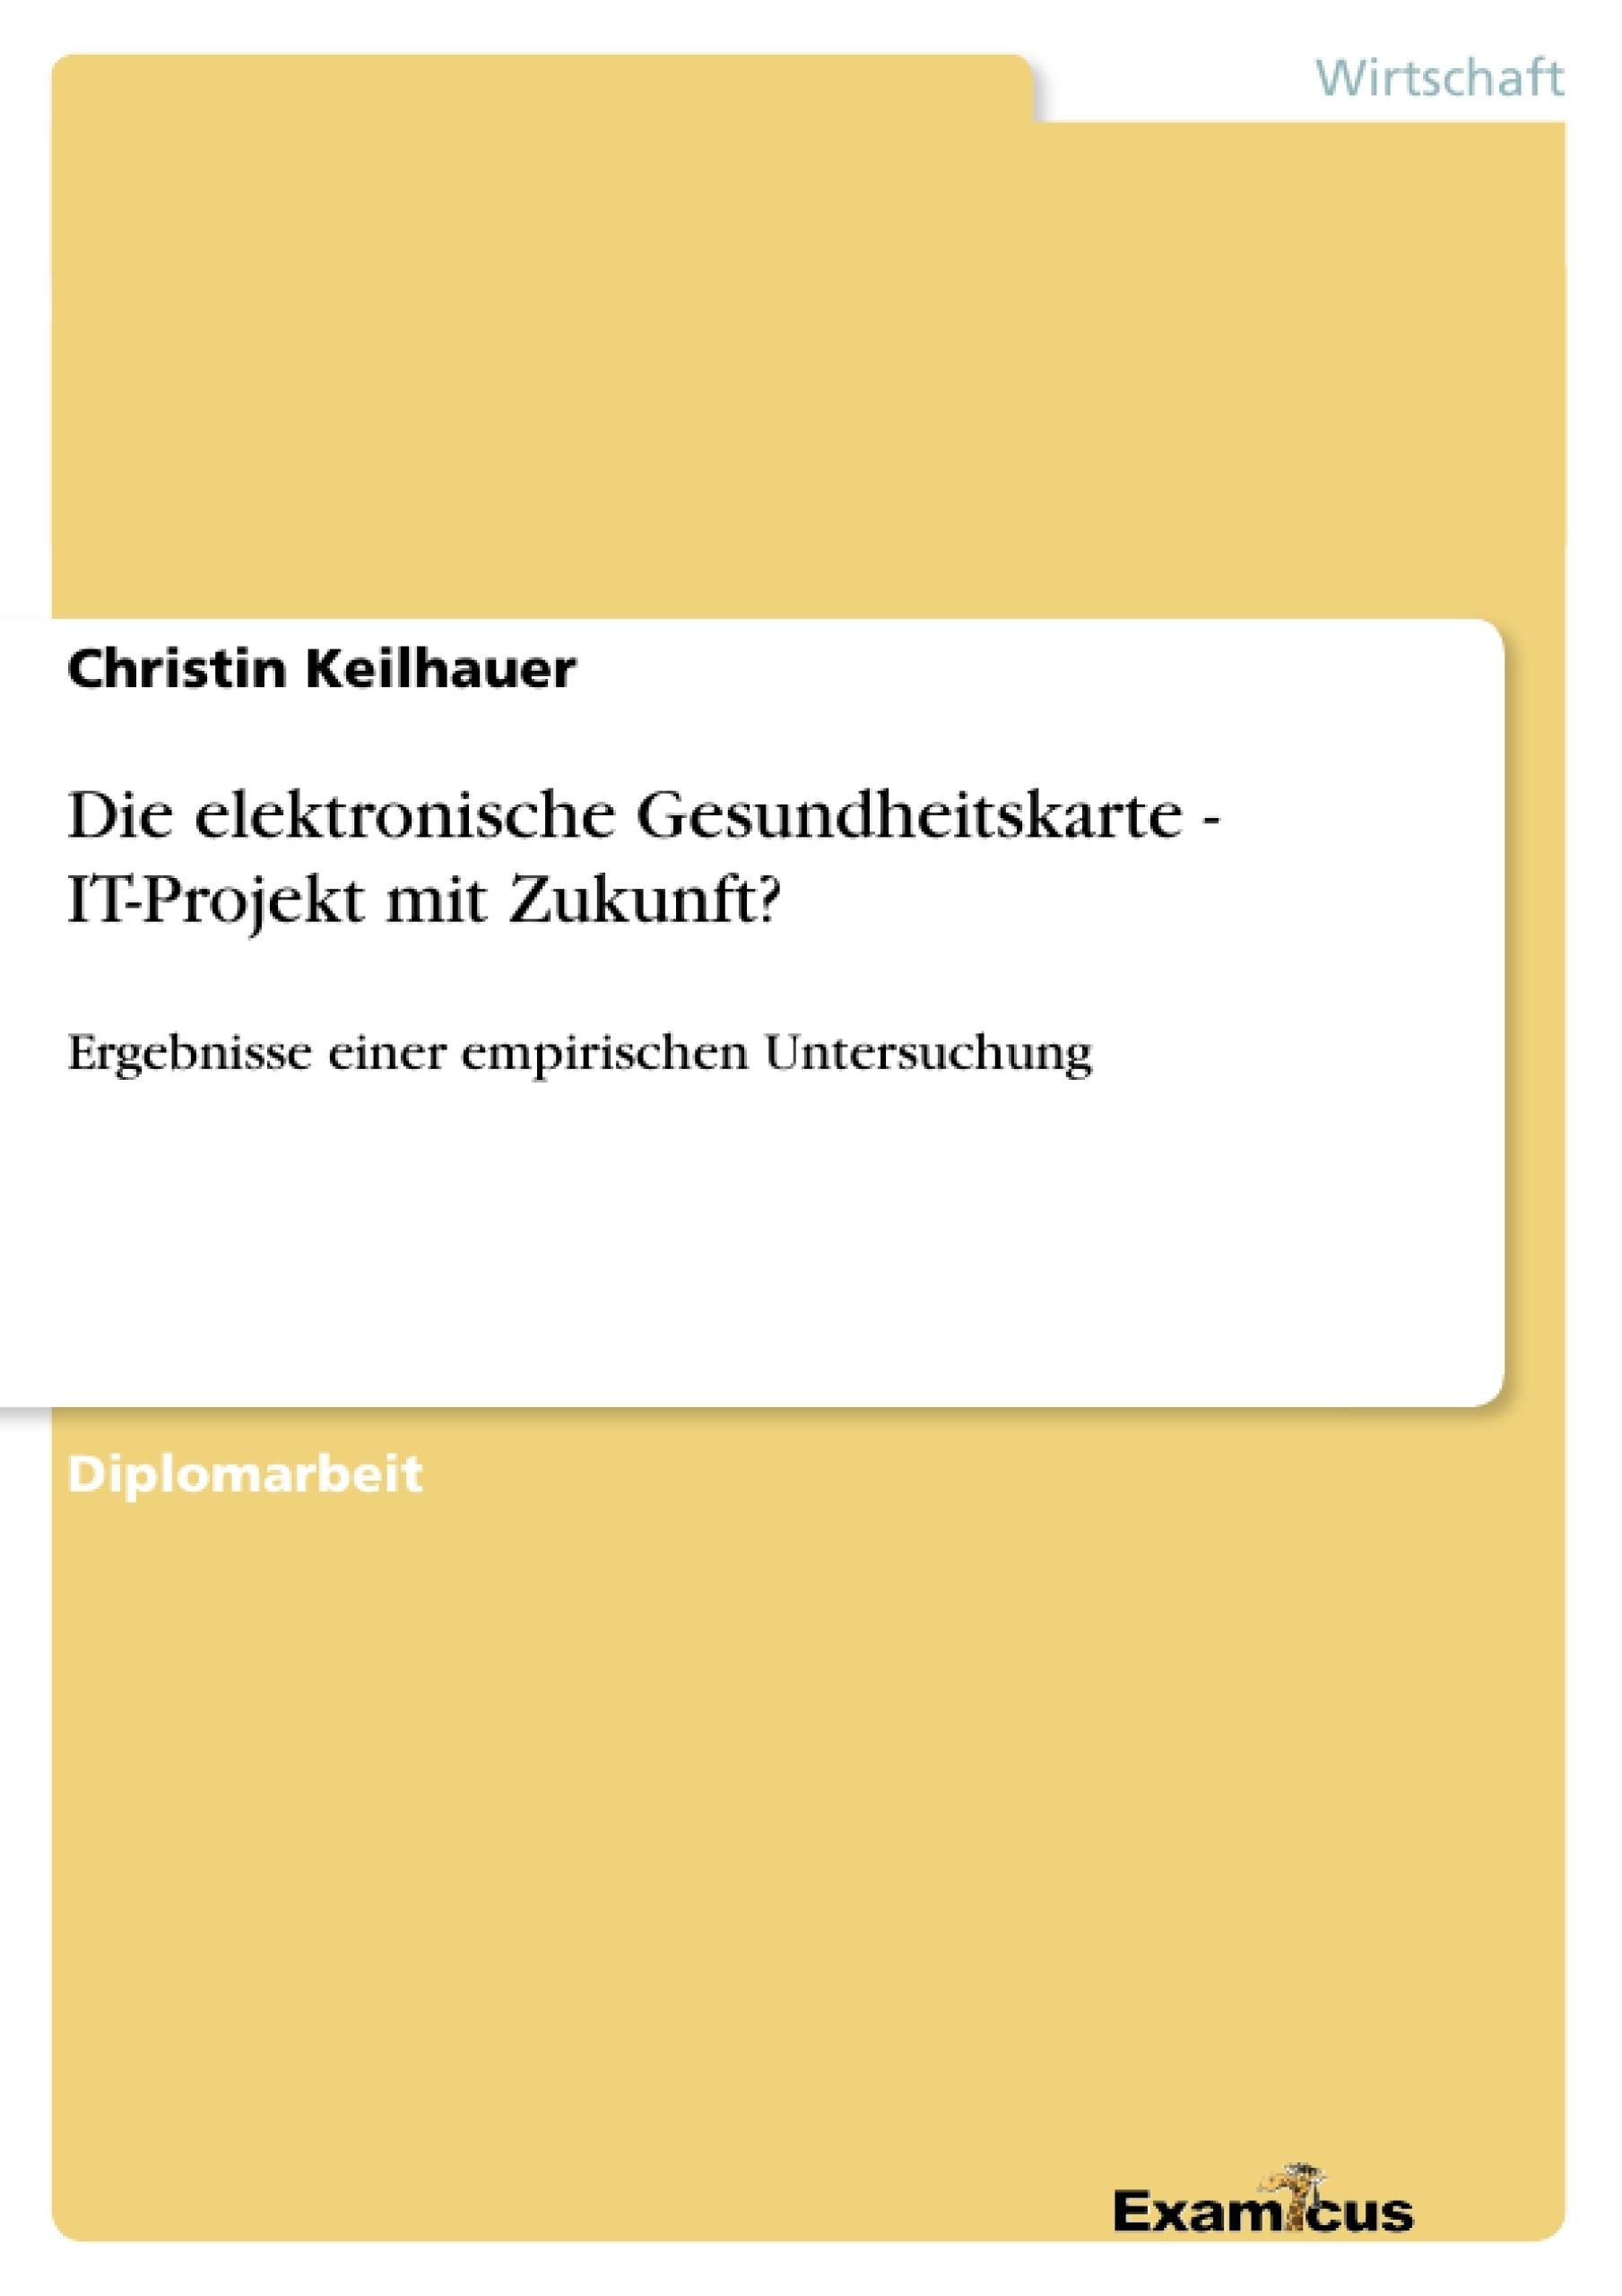 Titel: Die elektronische Gesundheitskarte - IT-Projekt mit Zukunft?